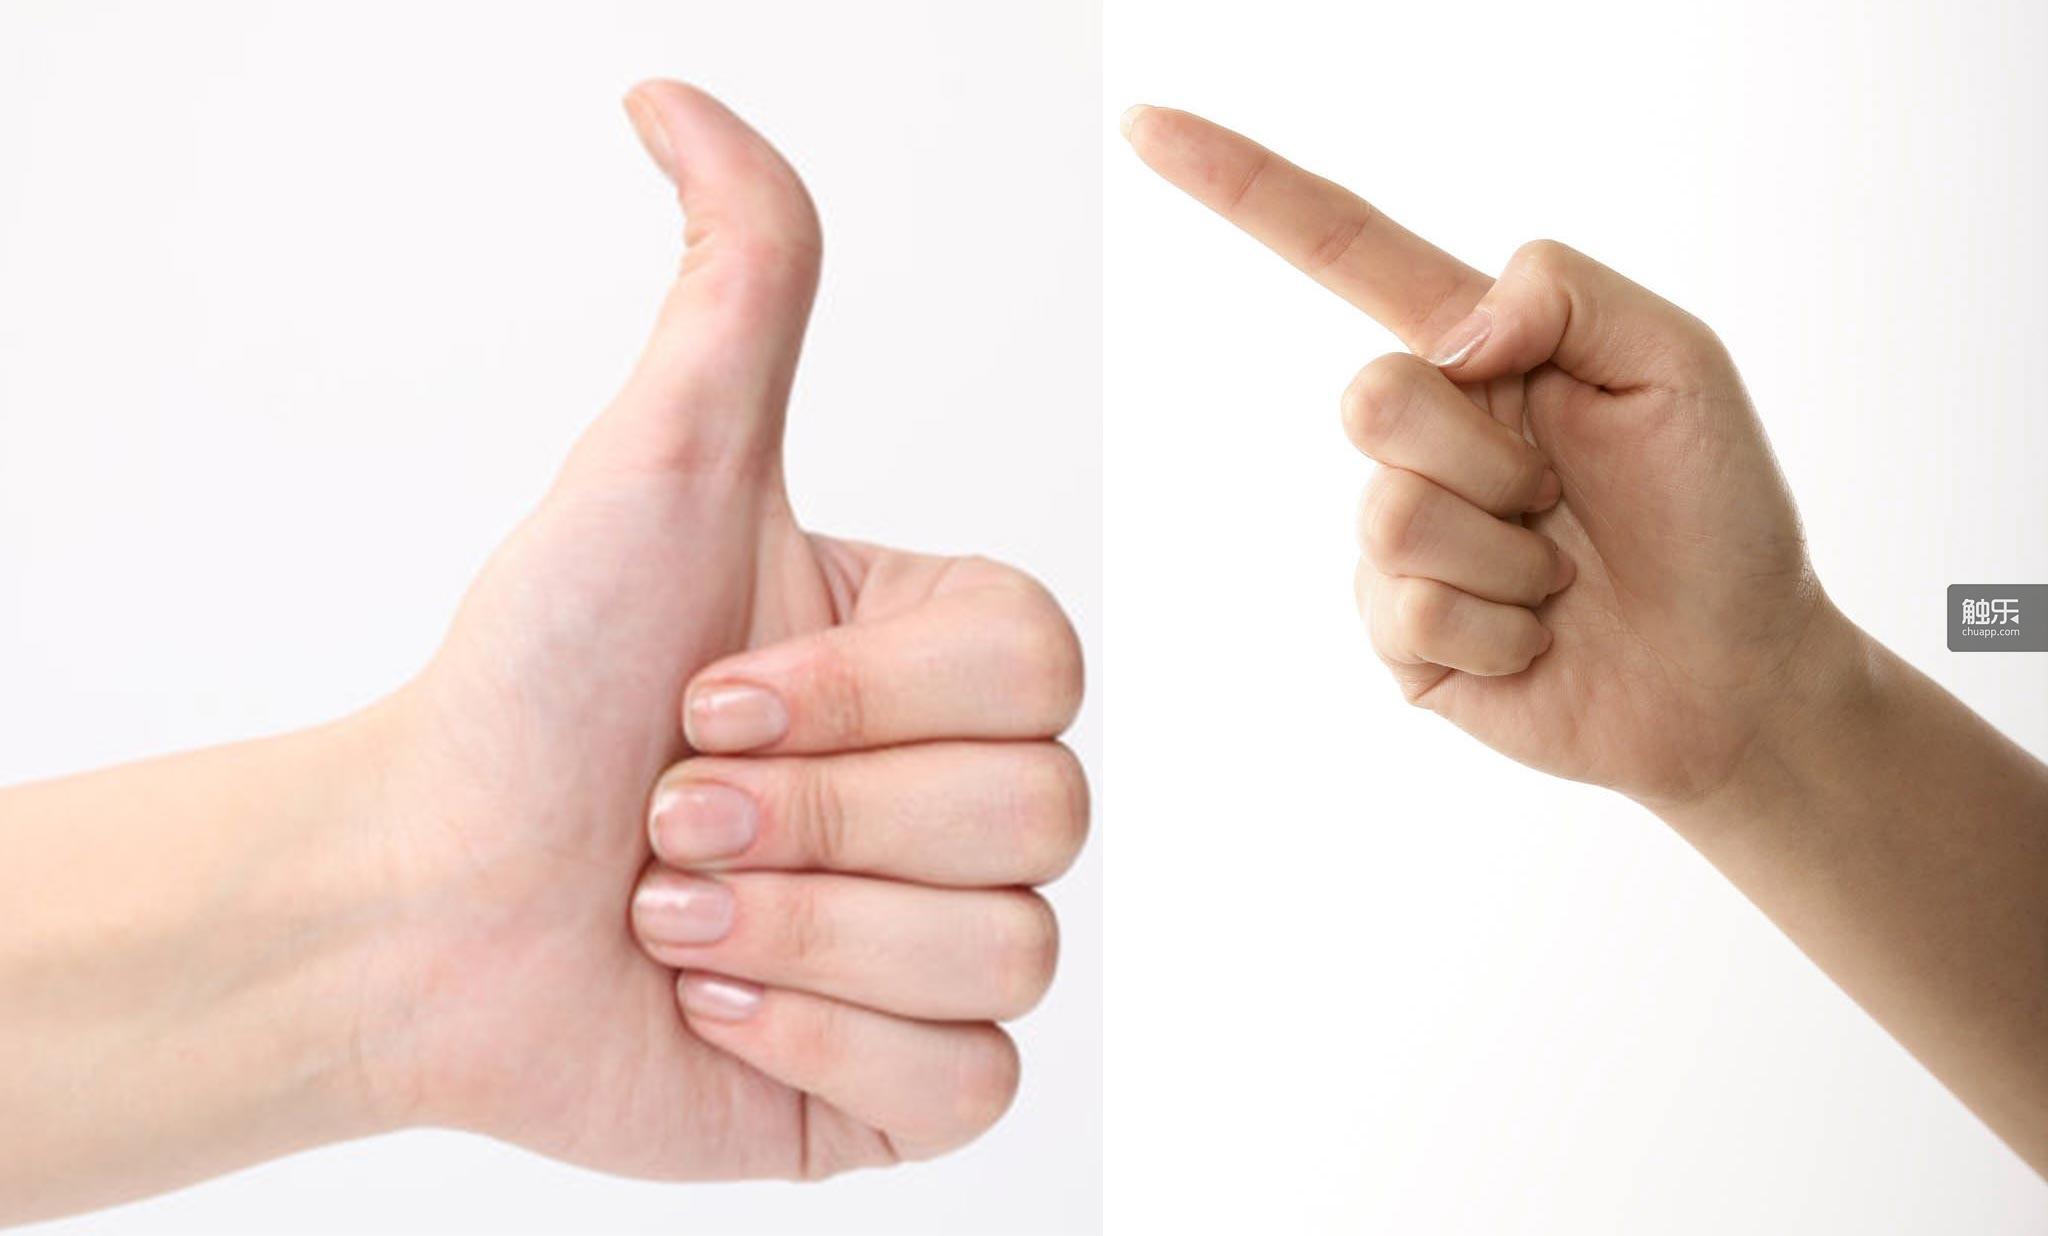 触乐64智能手势输入系统即将上市图片